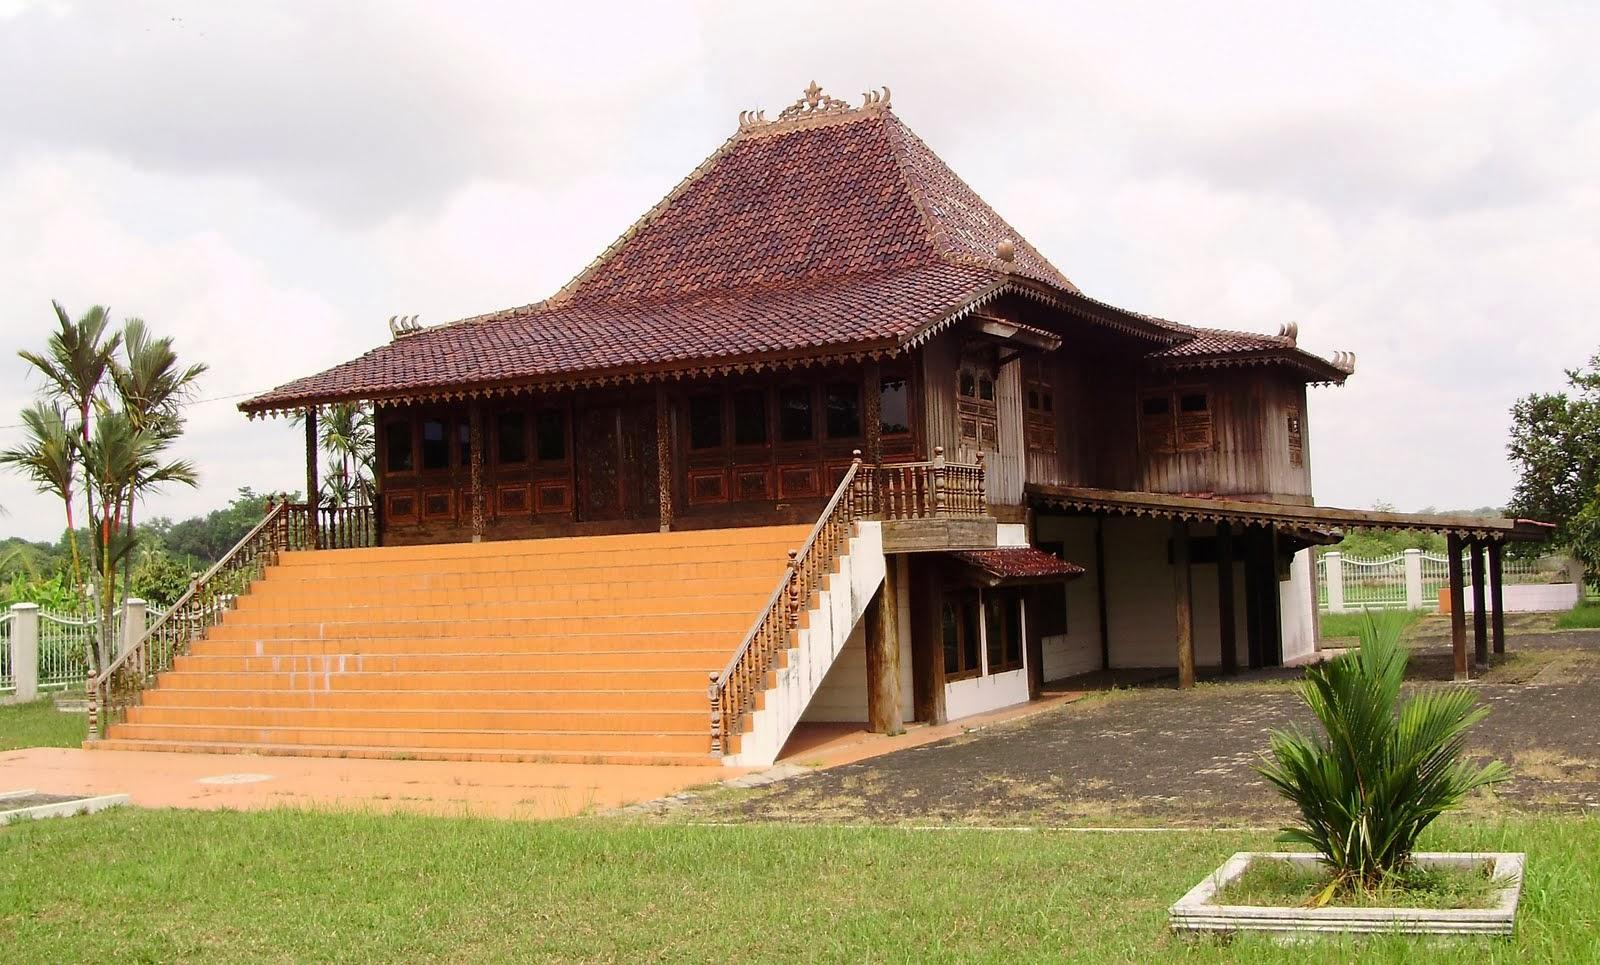 Gambar Rumah Adat Suku Bali